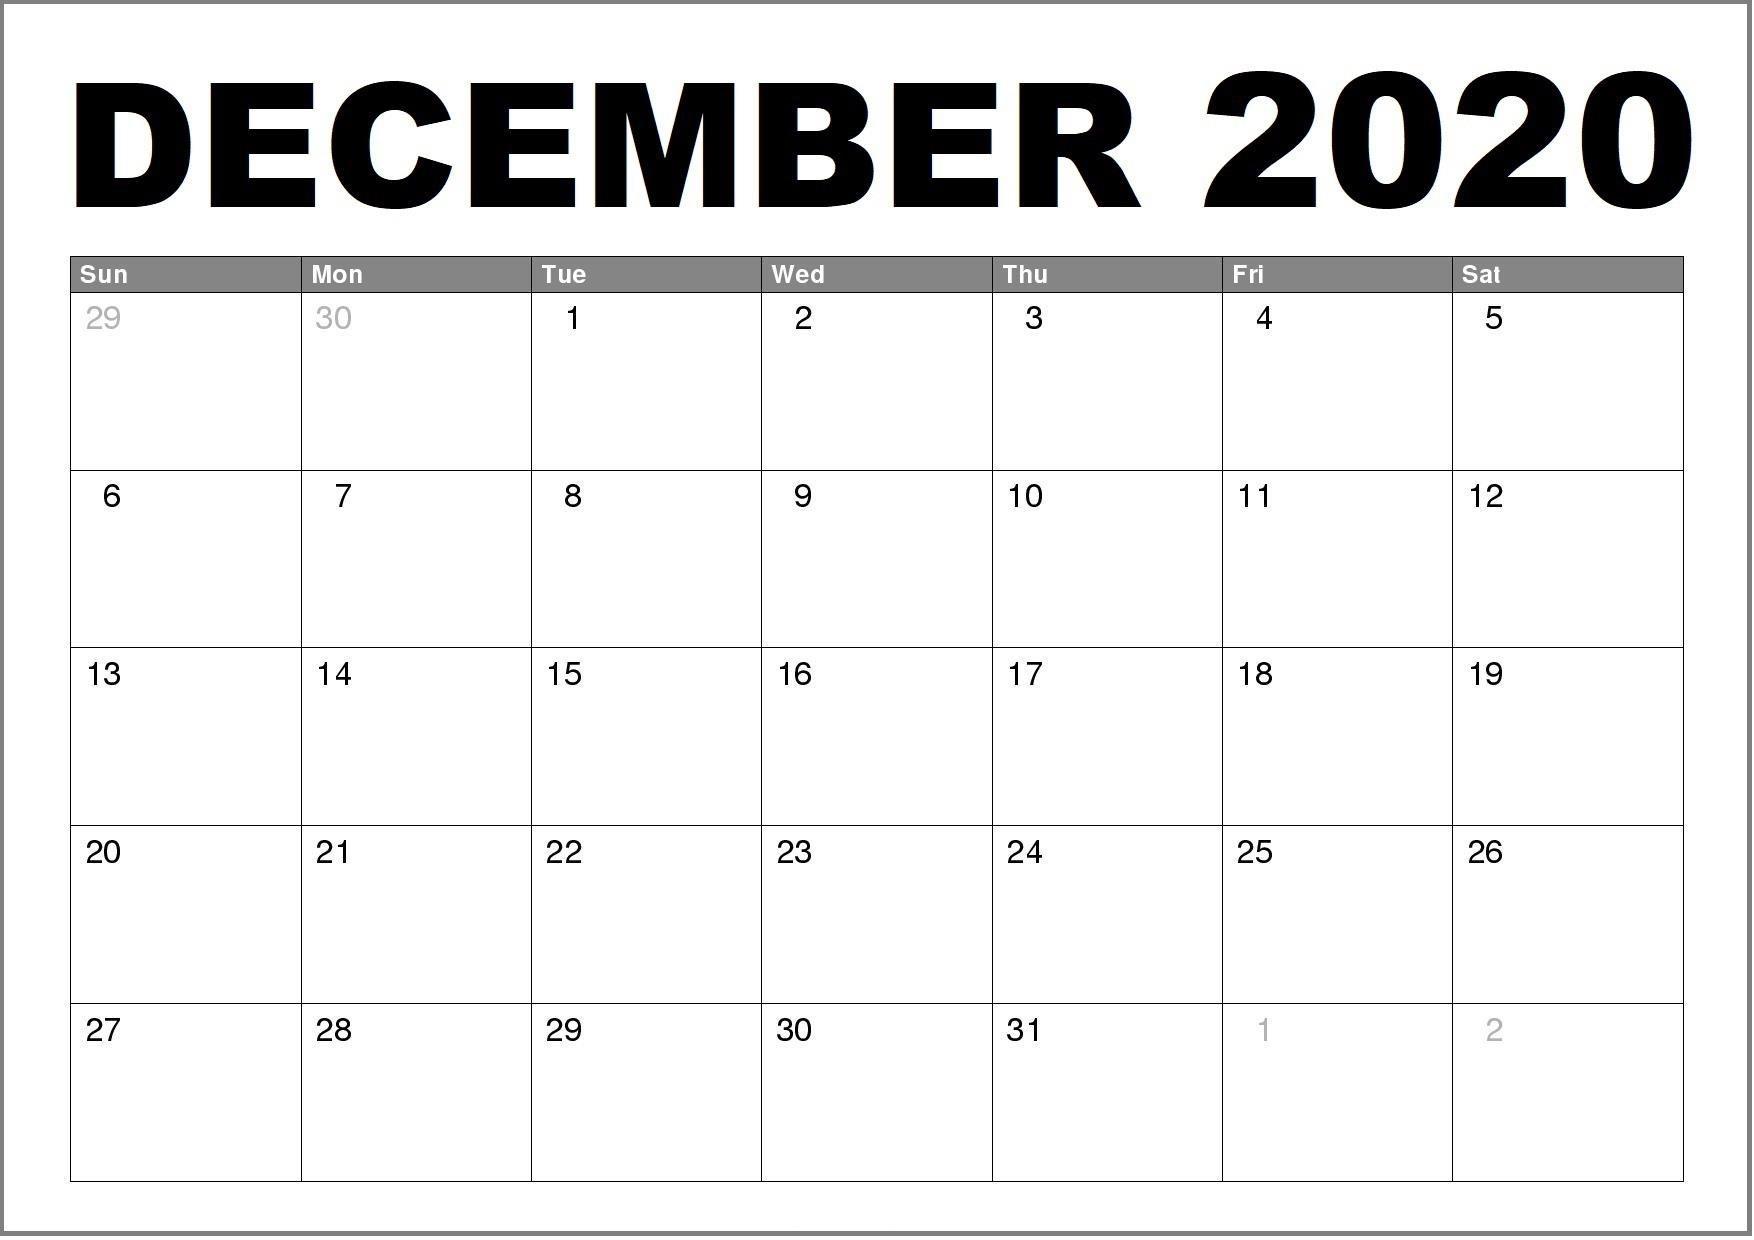 December Calendar For 2020